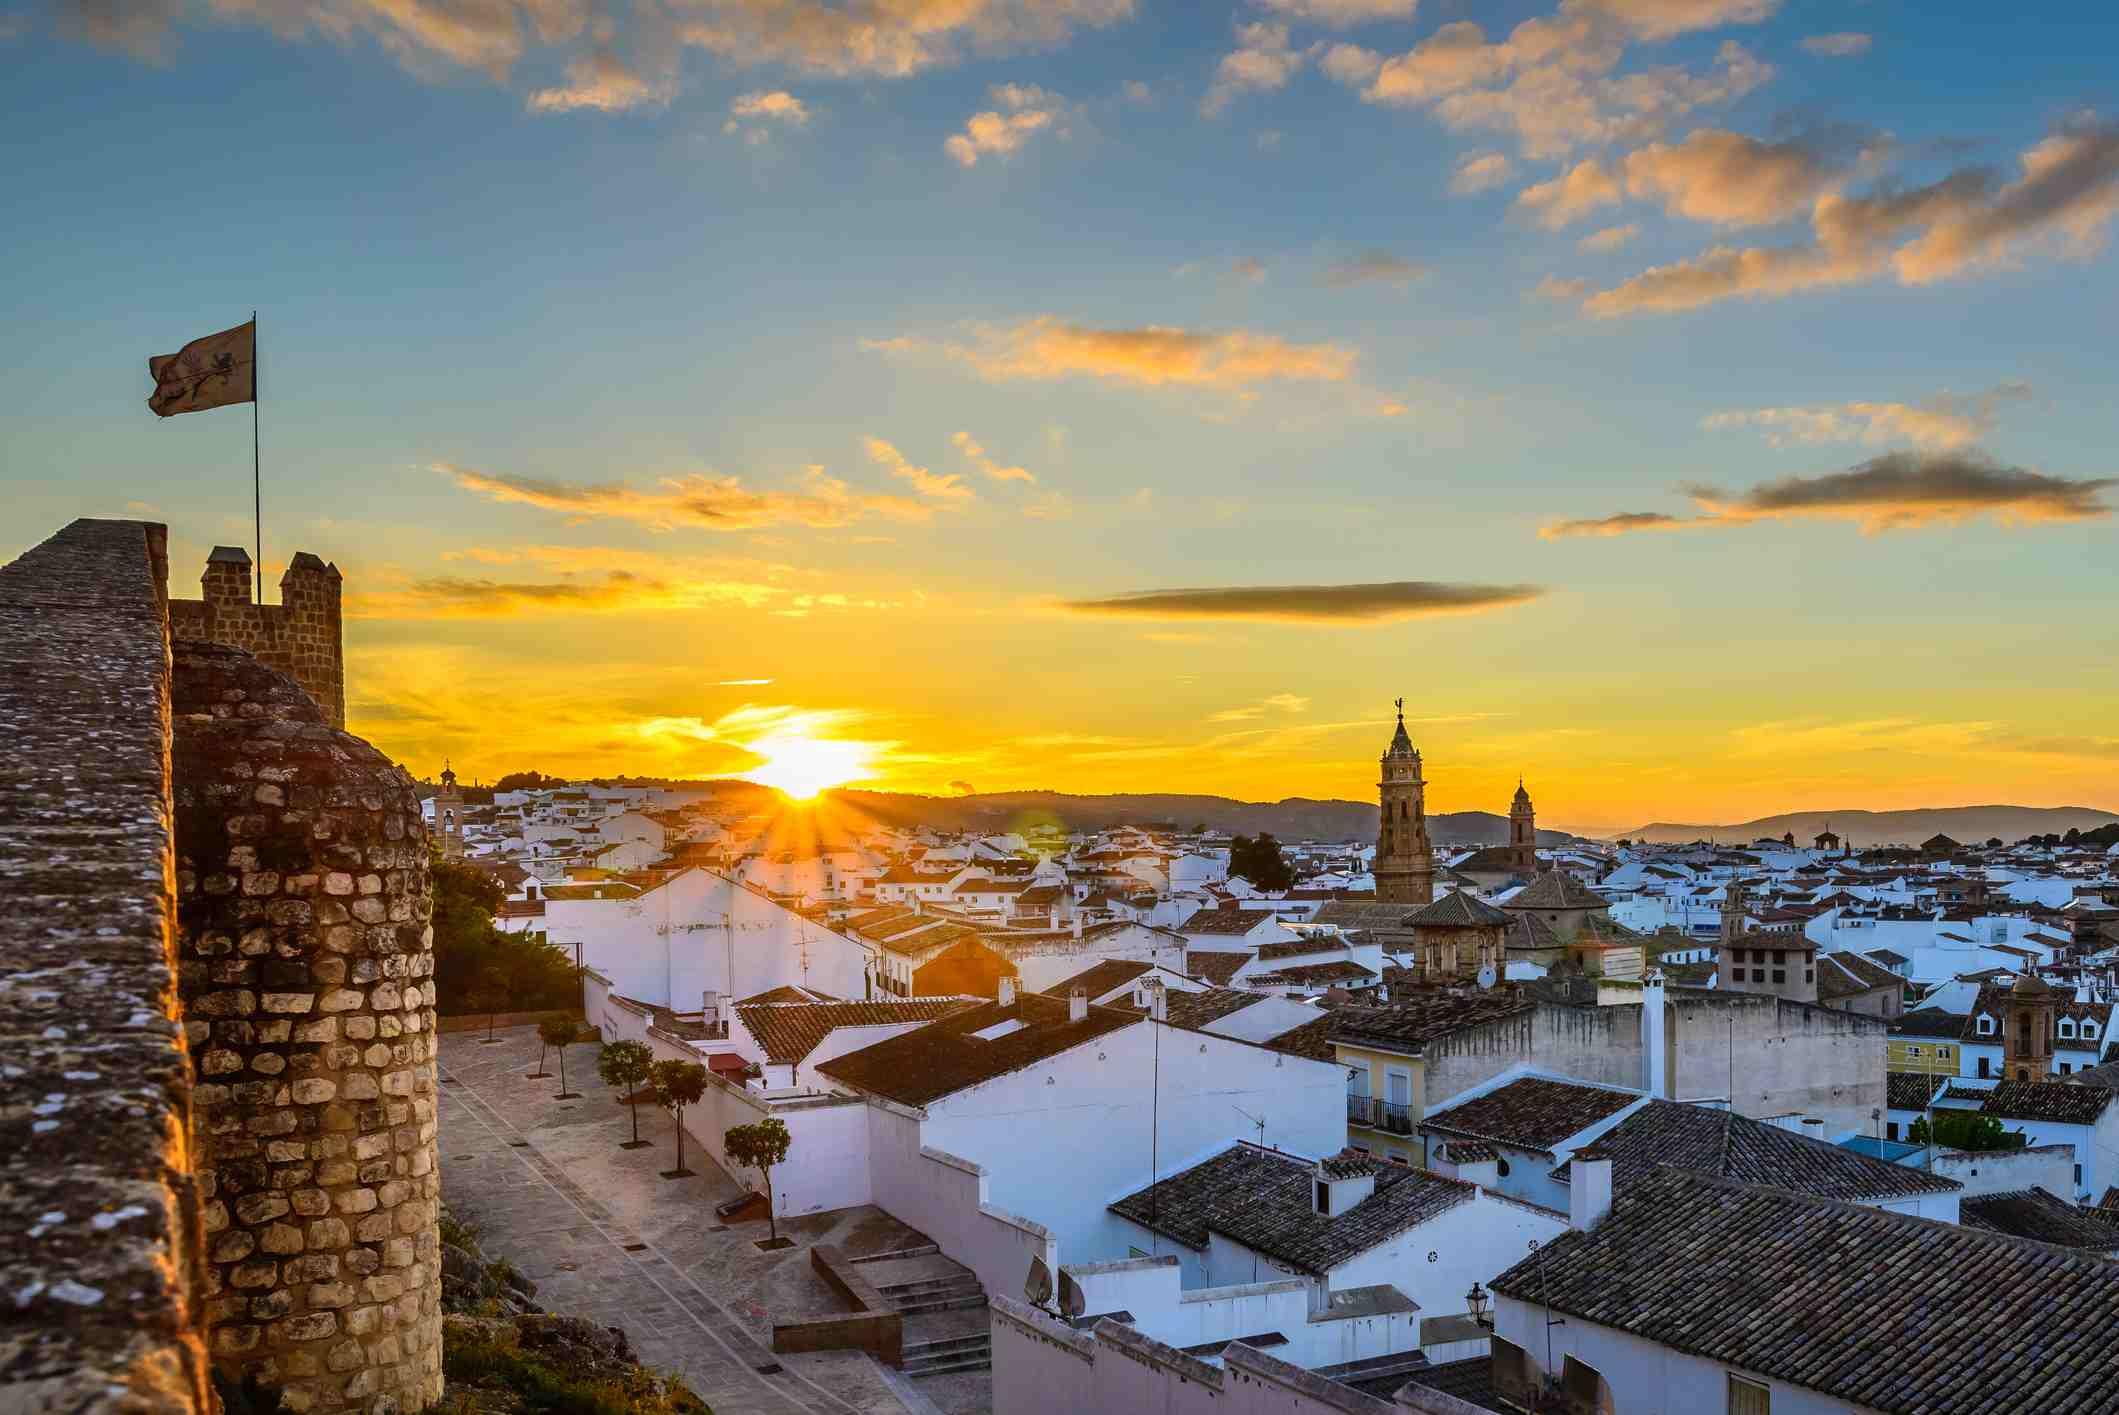 The sunset in Malaga